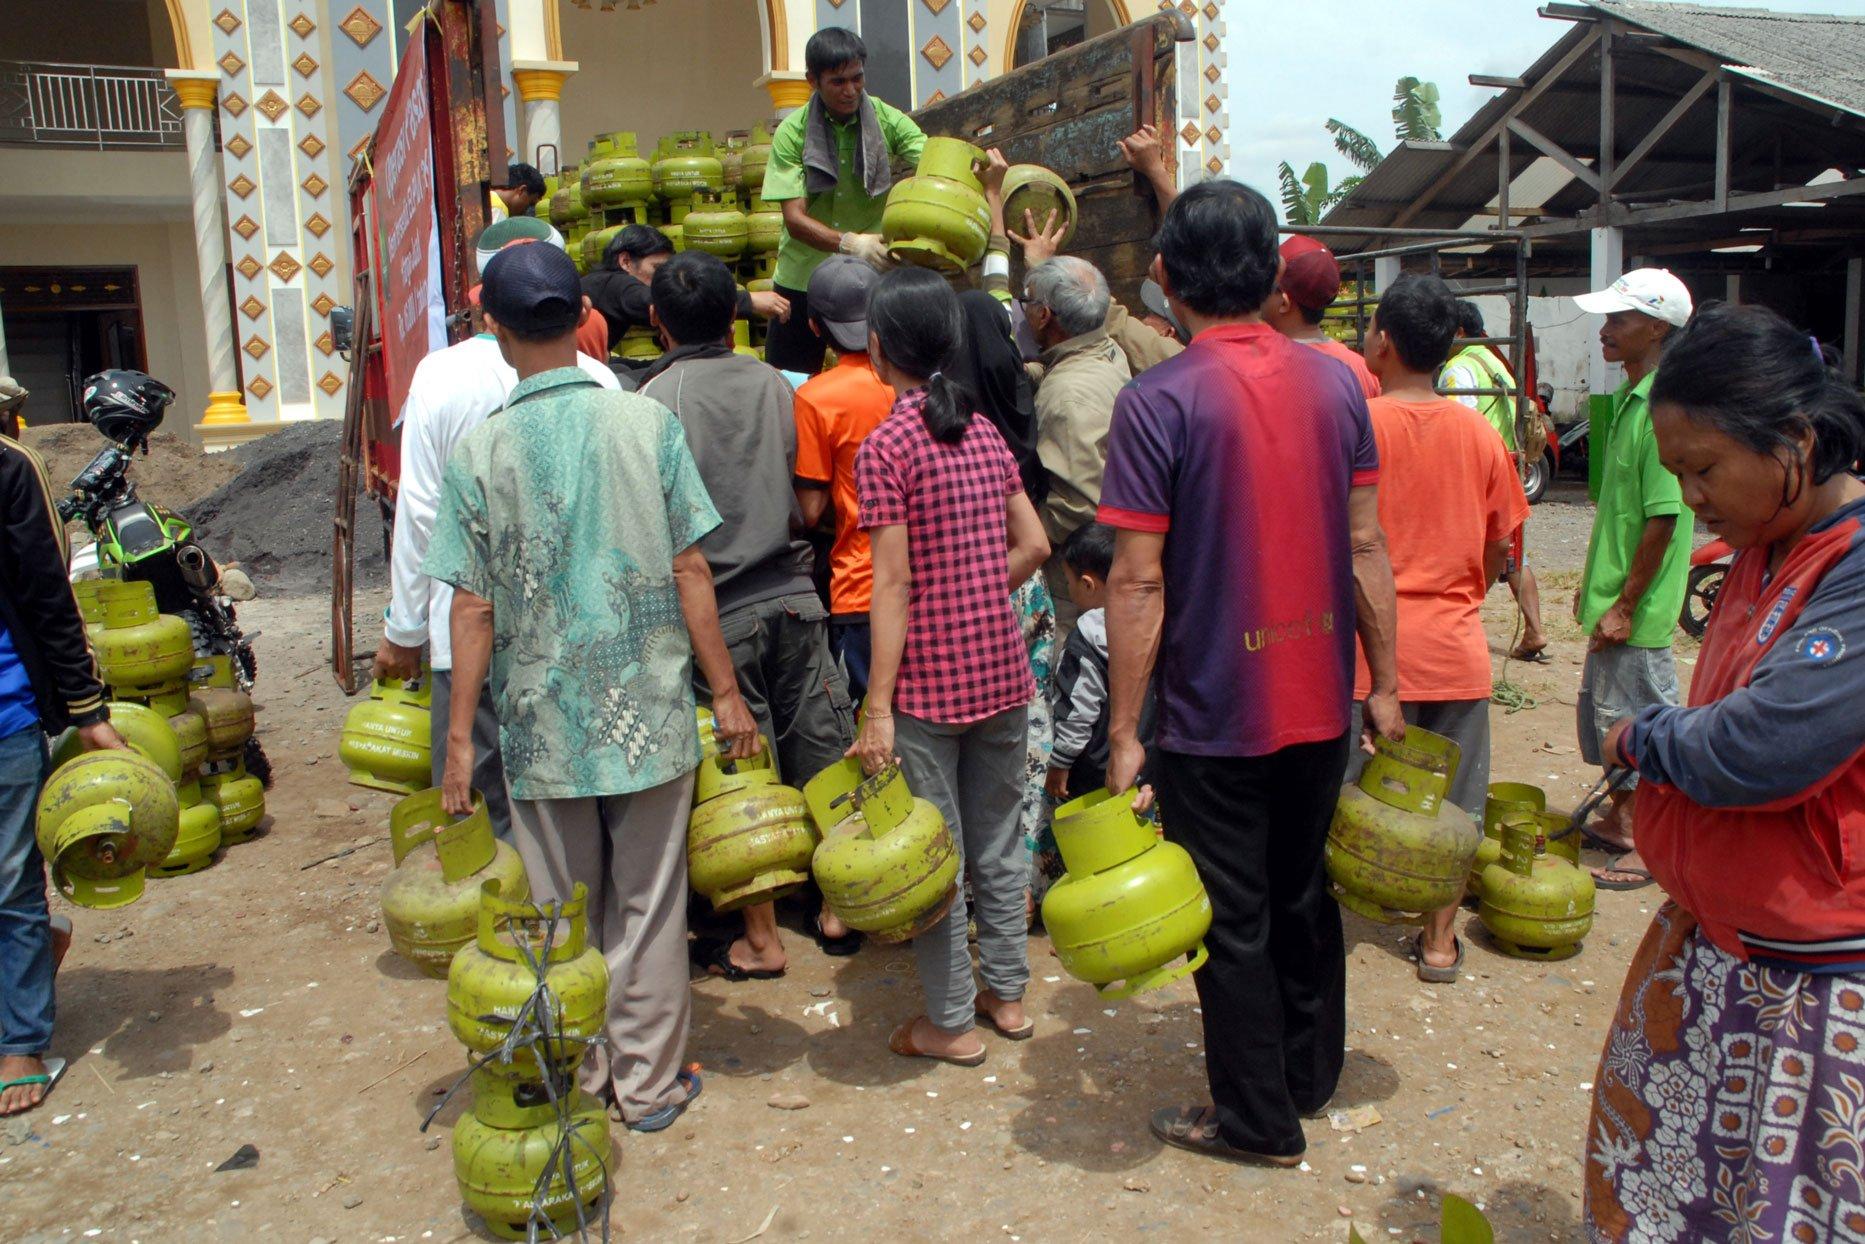 Terbatasnya pasokan, membuat warga Bogor terpaksa membayar harga Rp 25.000-Rp 50.000 untuk gas elpiji 3 kilogram bersubsidi. Lewat operasi pasar yang digelar pada Selasa (5/12), warga Sukahati, Cibinong, Kabupaten Bogor, Jawa Barat, dapat membeli elpiji dengan harga Rp 16.000.